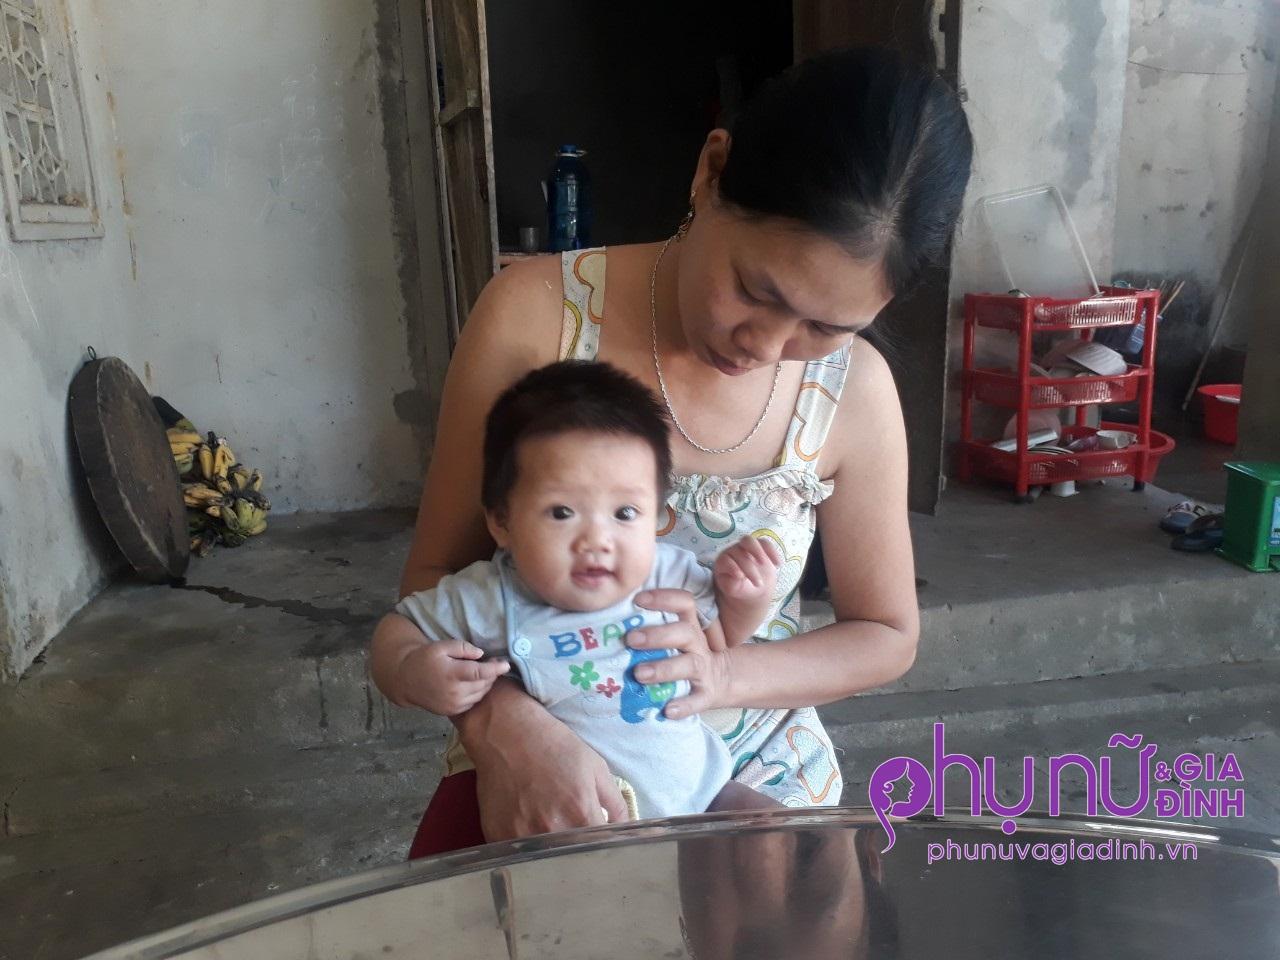 Đau đáu ánh mắt bé gái 7 tháng tuổi mang 'chân voi' đang giành giật sự sống vì căn bệnh hiếm gặp - Ảnh 2